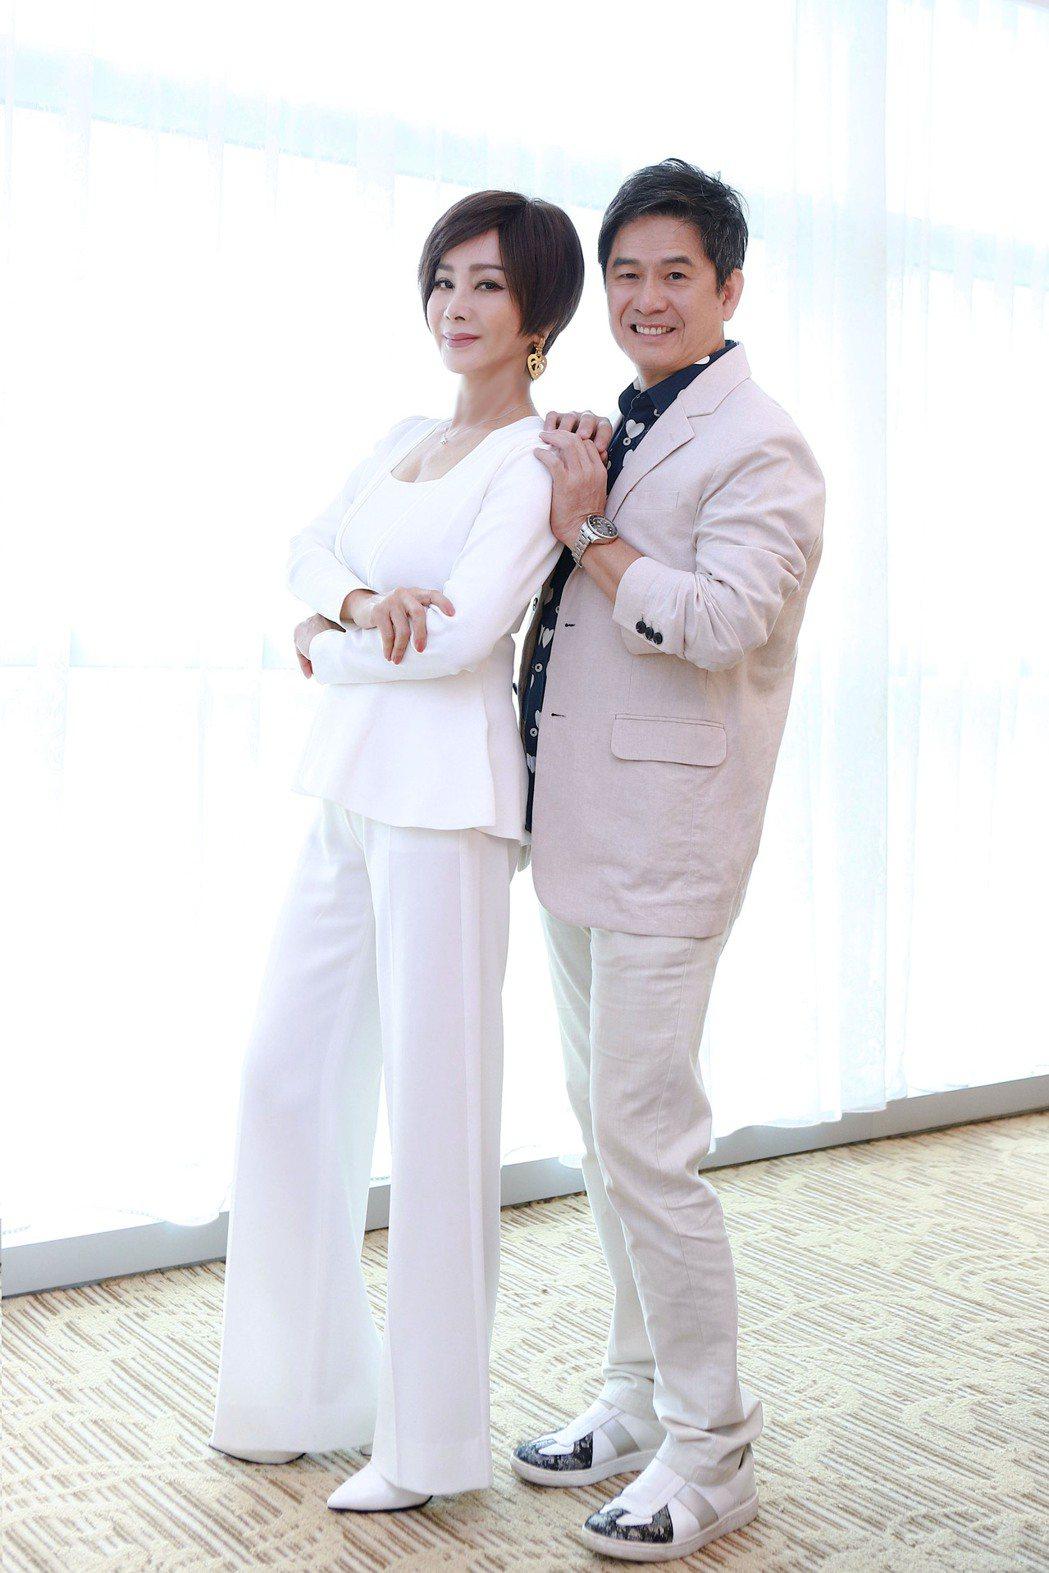 陳美鳳(左)、洪都拉斯主演8點檔「黃金歲月」。圖/民視提供